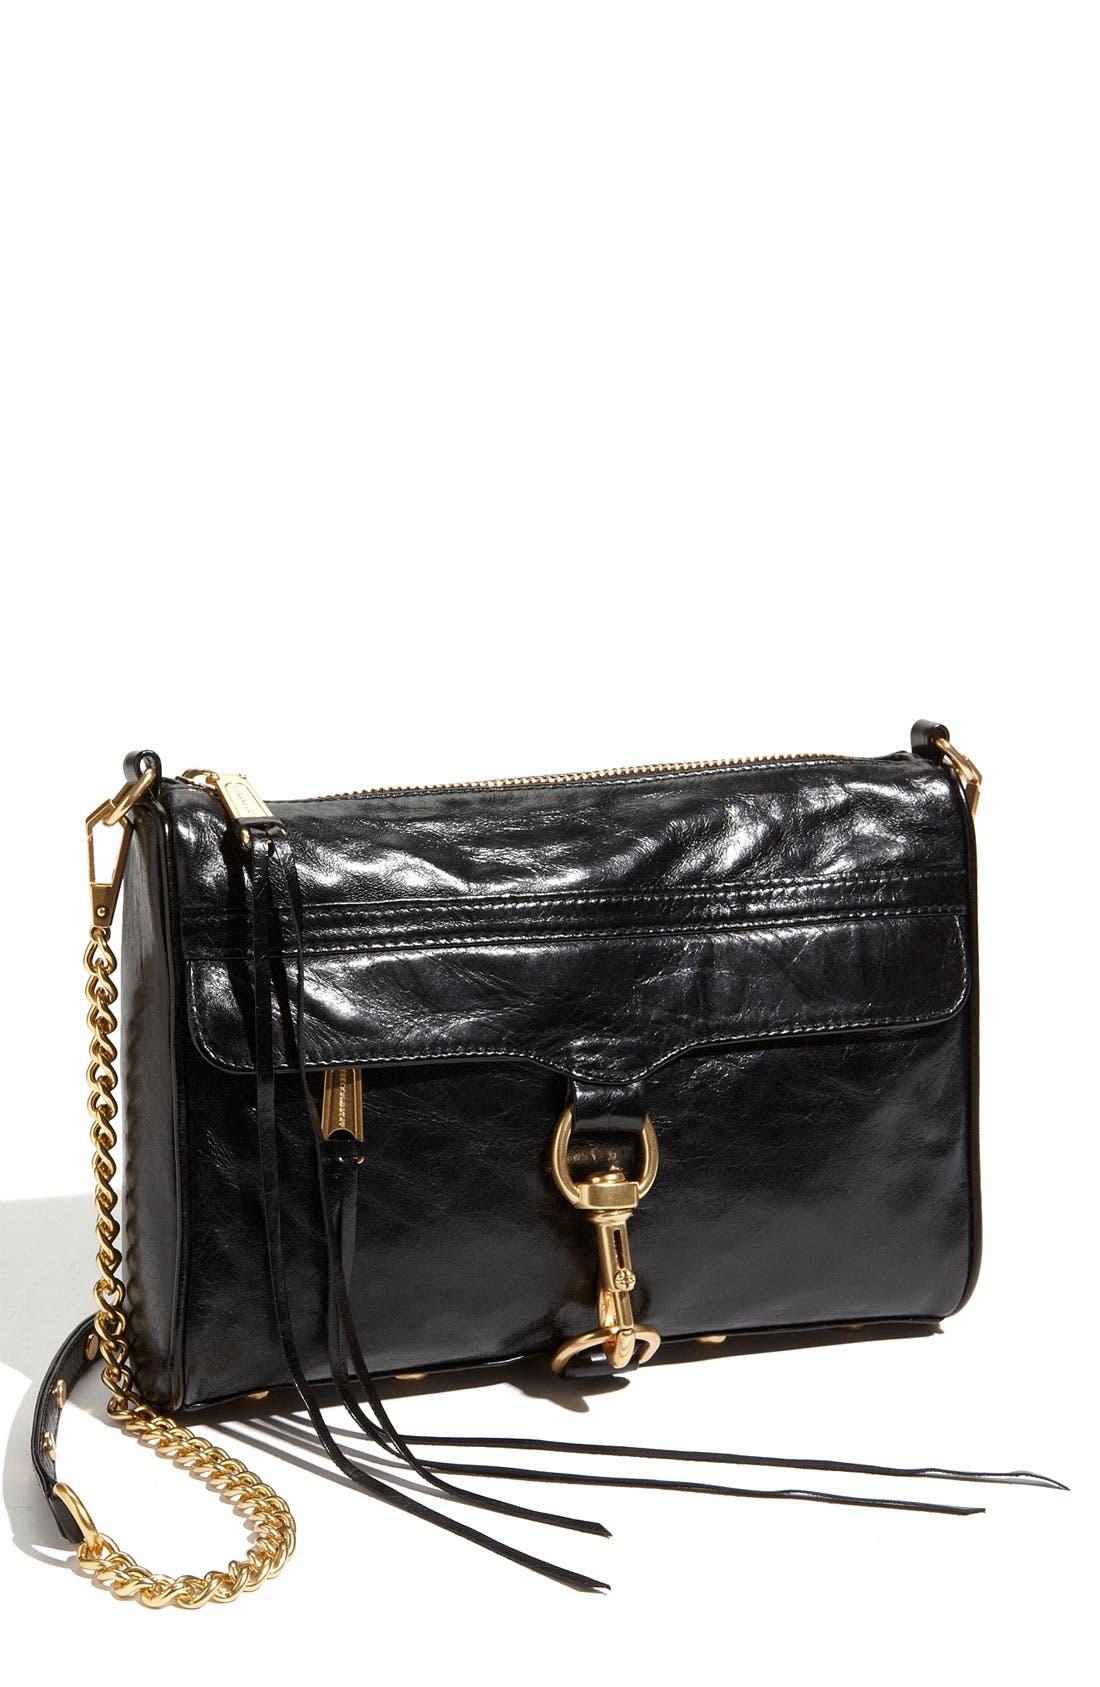 REBECCA MINKOFF 'MAC' Convertible Crossbody Bag, Main, color, 001